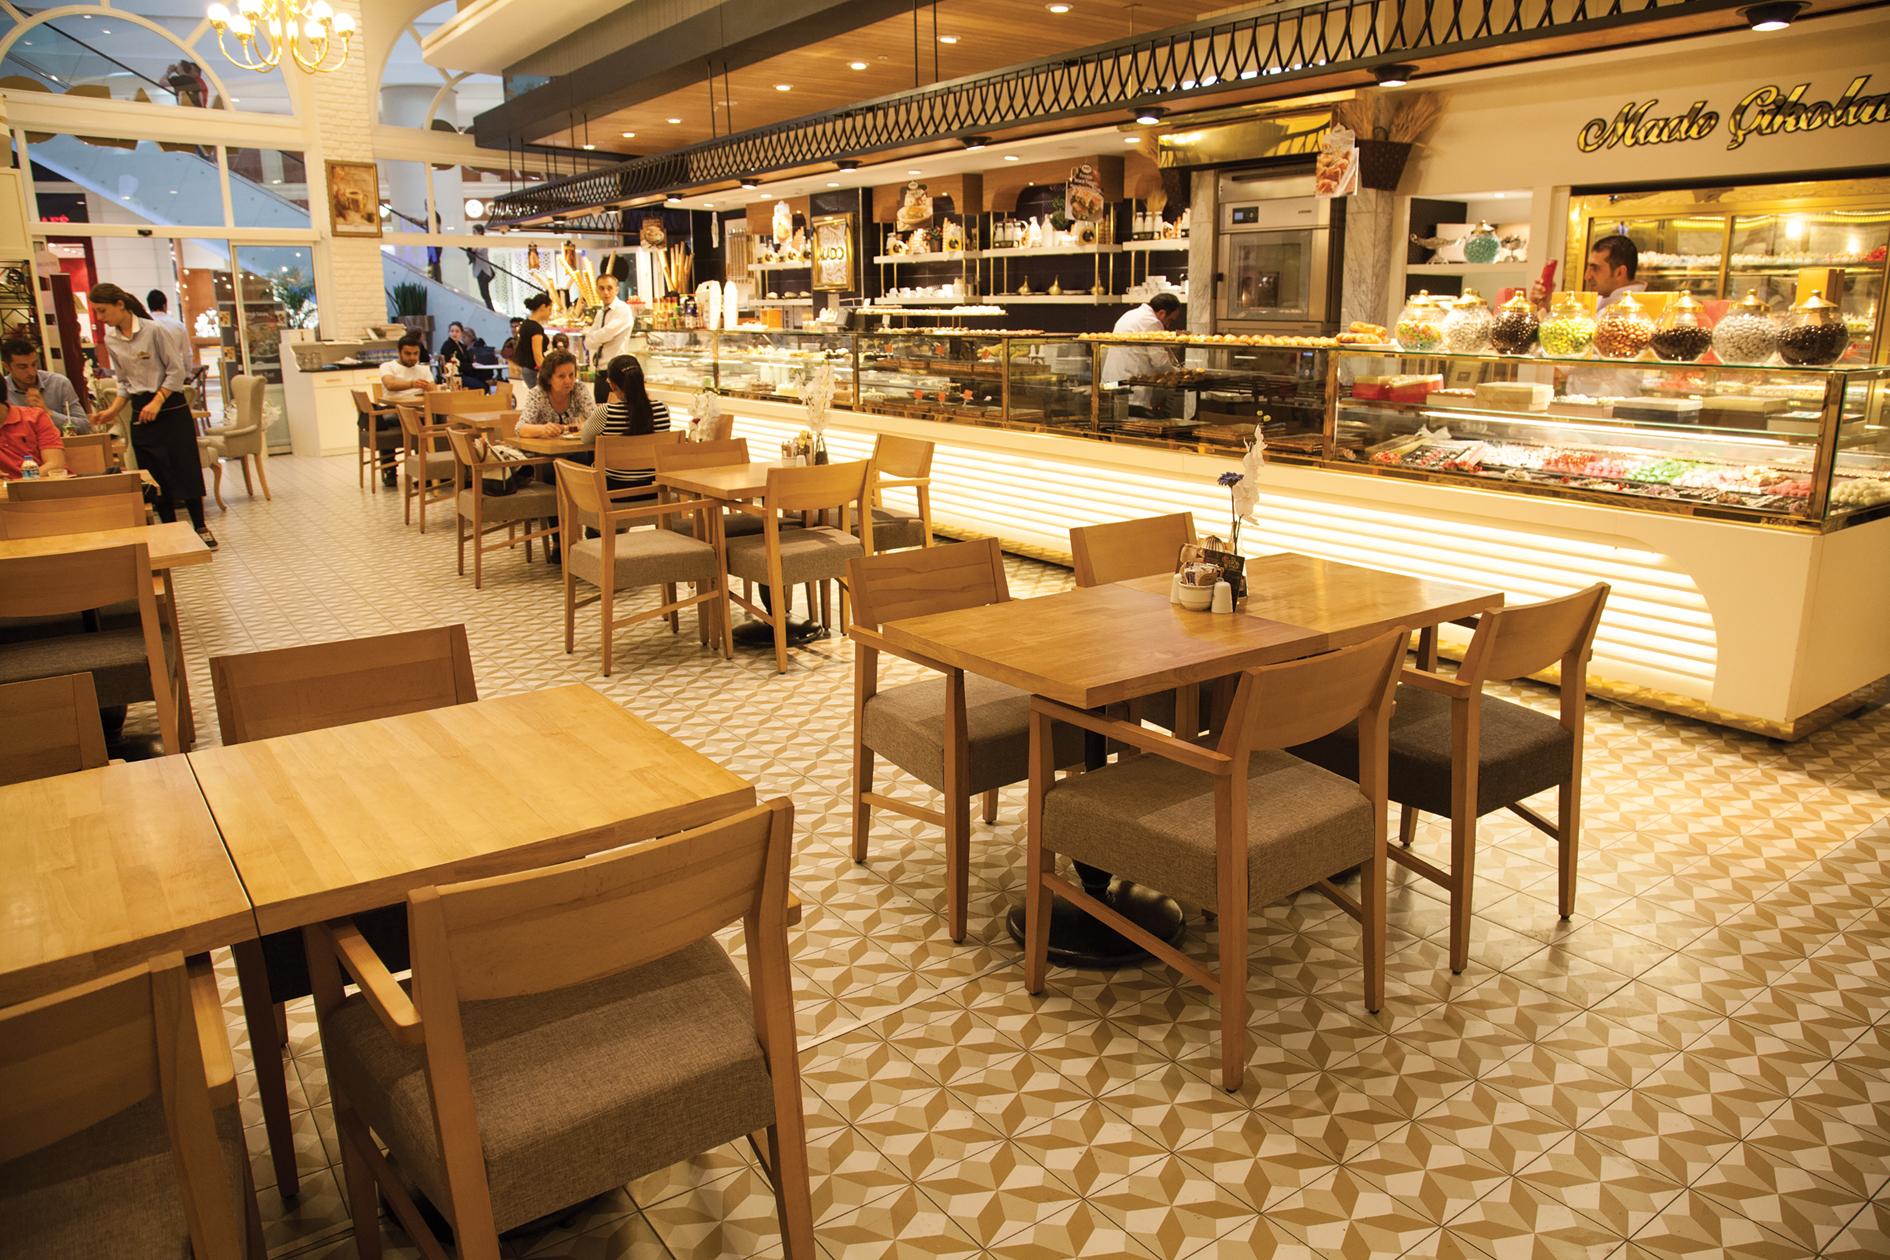 Mado رستوران ها و کافه های شهر وان